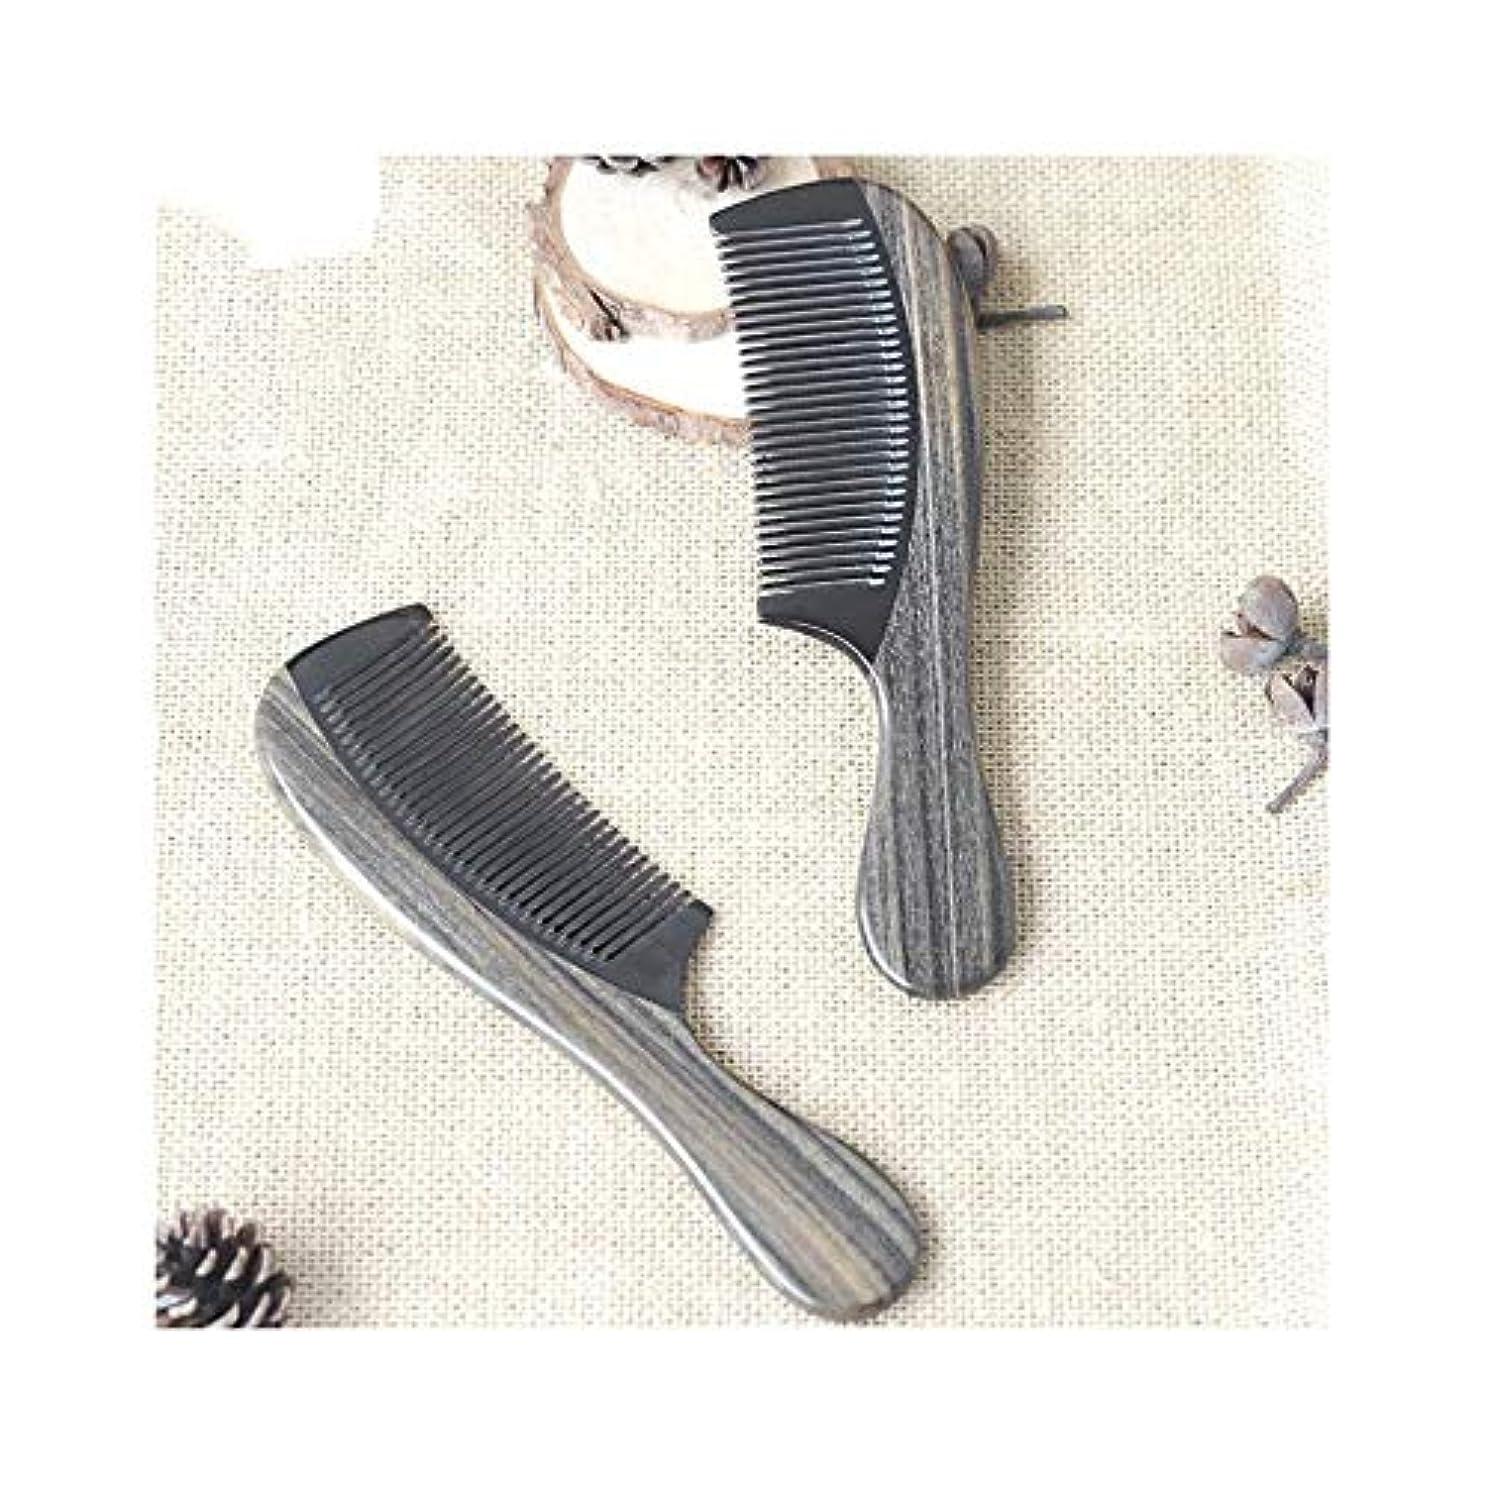 放つランチョン擁するFashianホーンくしナチュラルグレイン木製マッサージヘアコーム(ショートハンドル - 標準歯形) ヘアケア